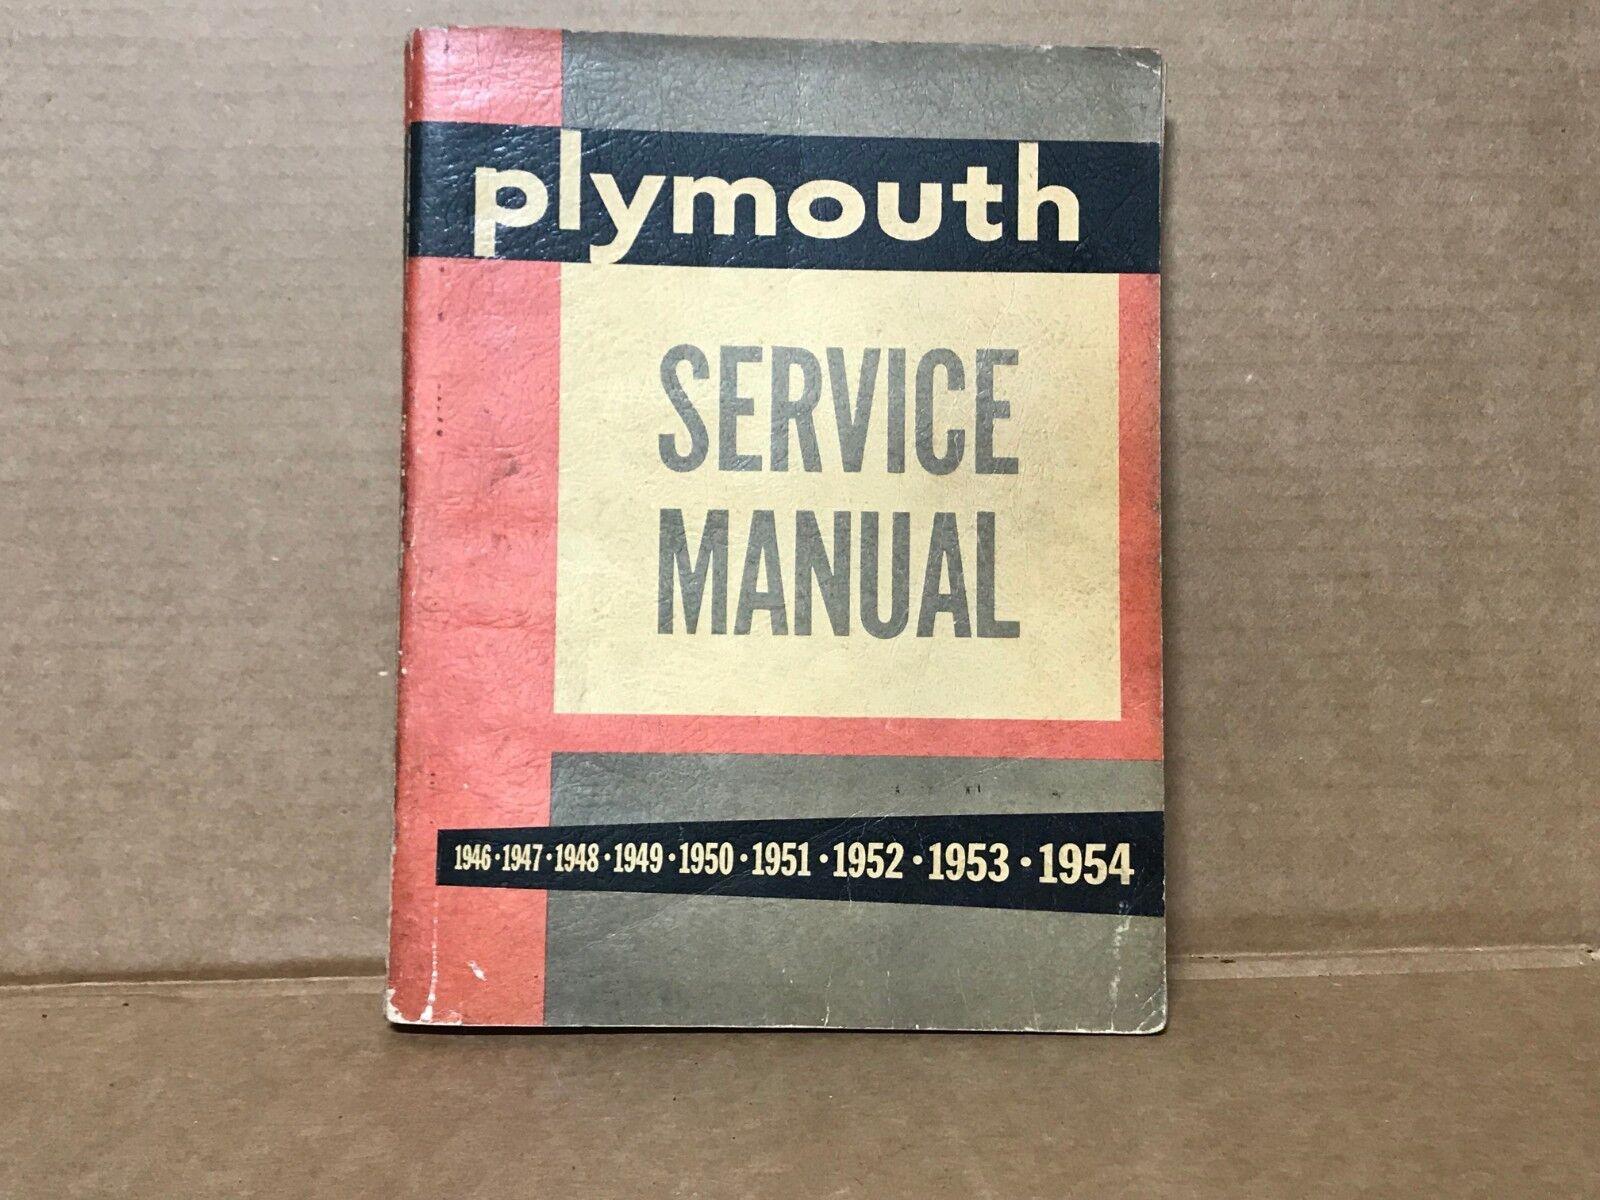 1946 1947 1948 1949 1950 Desoto Mechanic Workshop Service Repair Manual OEM